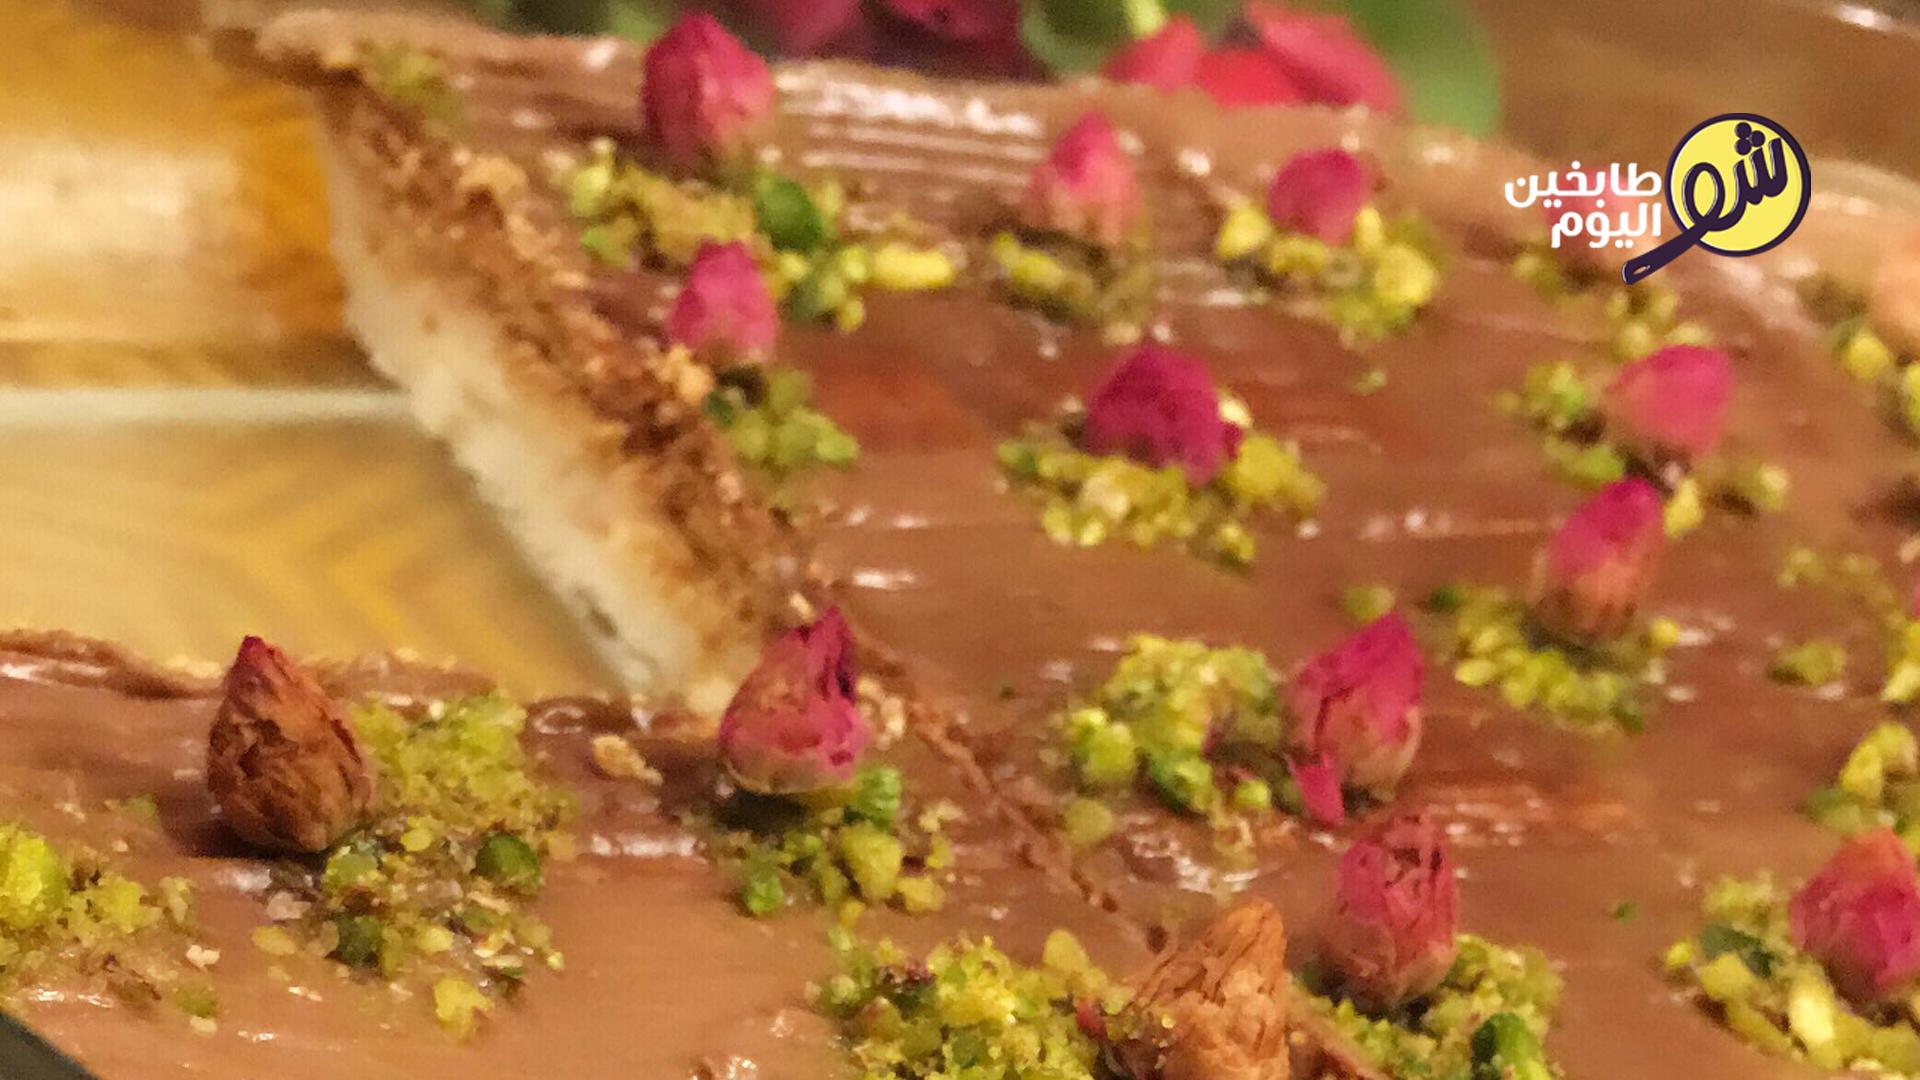 ليالي لبنان مع النوتيلا شو طابخين اليوم